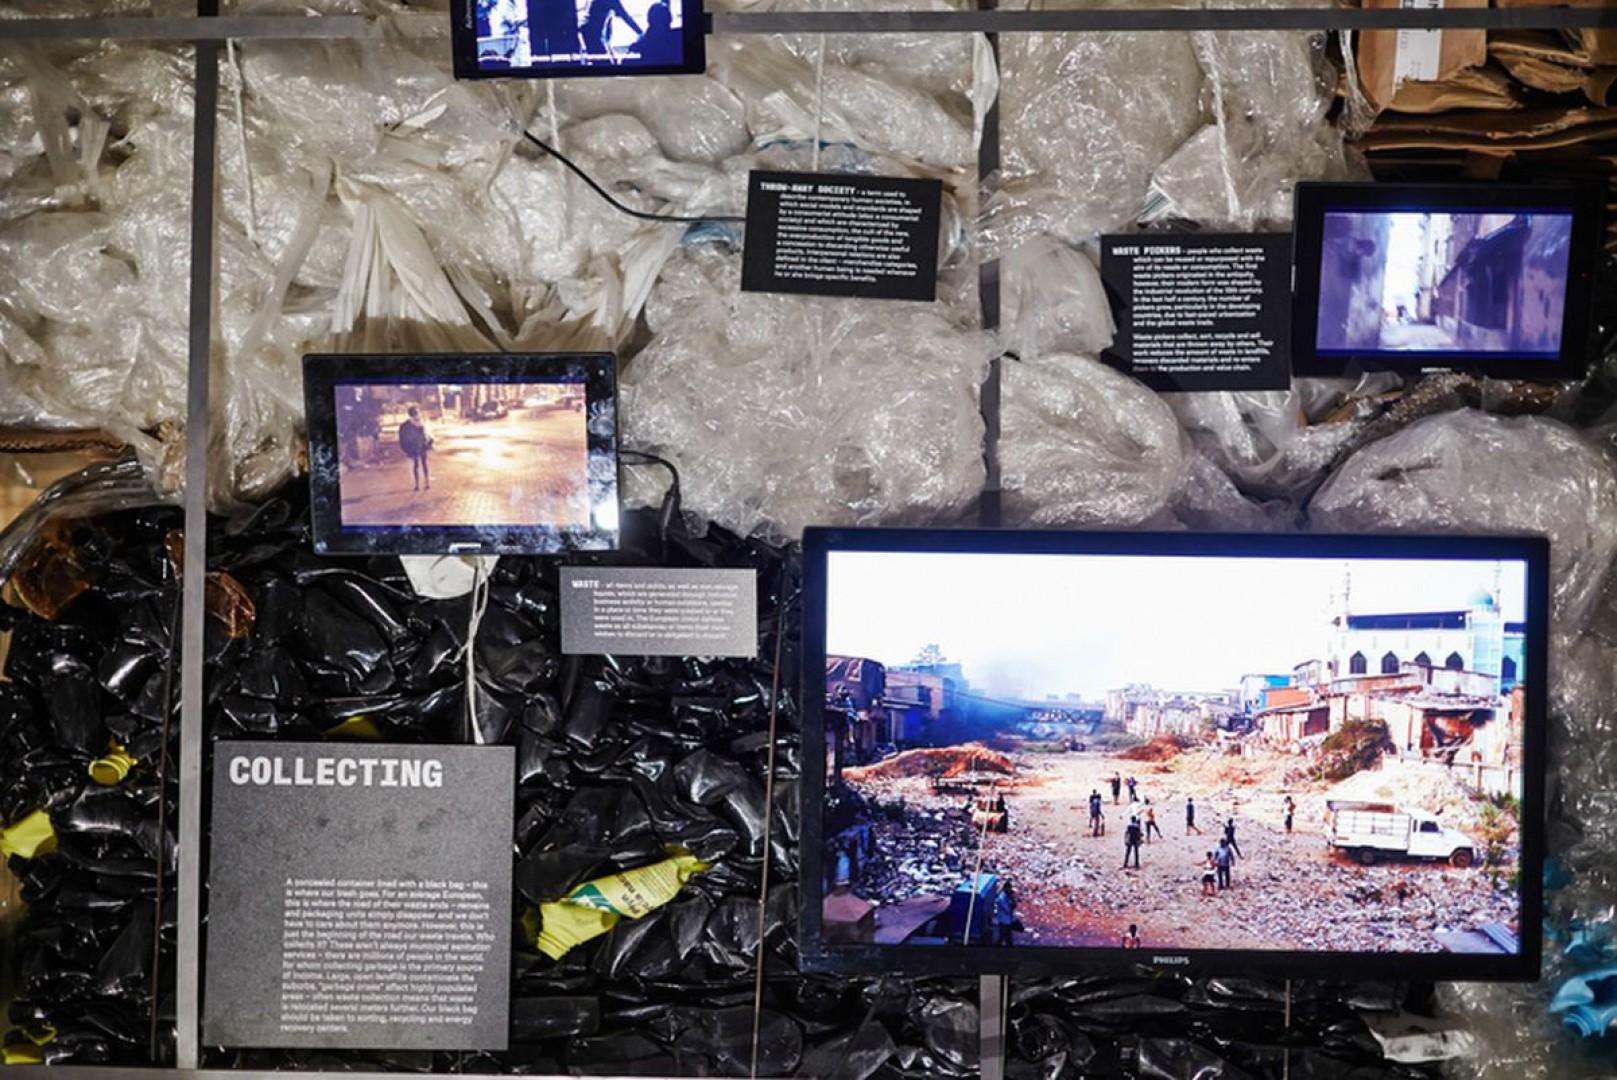 IKEA została mecenasem wystawy Let's talk about garbage, którą przygotowali Hugon Kowalski i Marcin Szczelina. Fot. IKEA